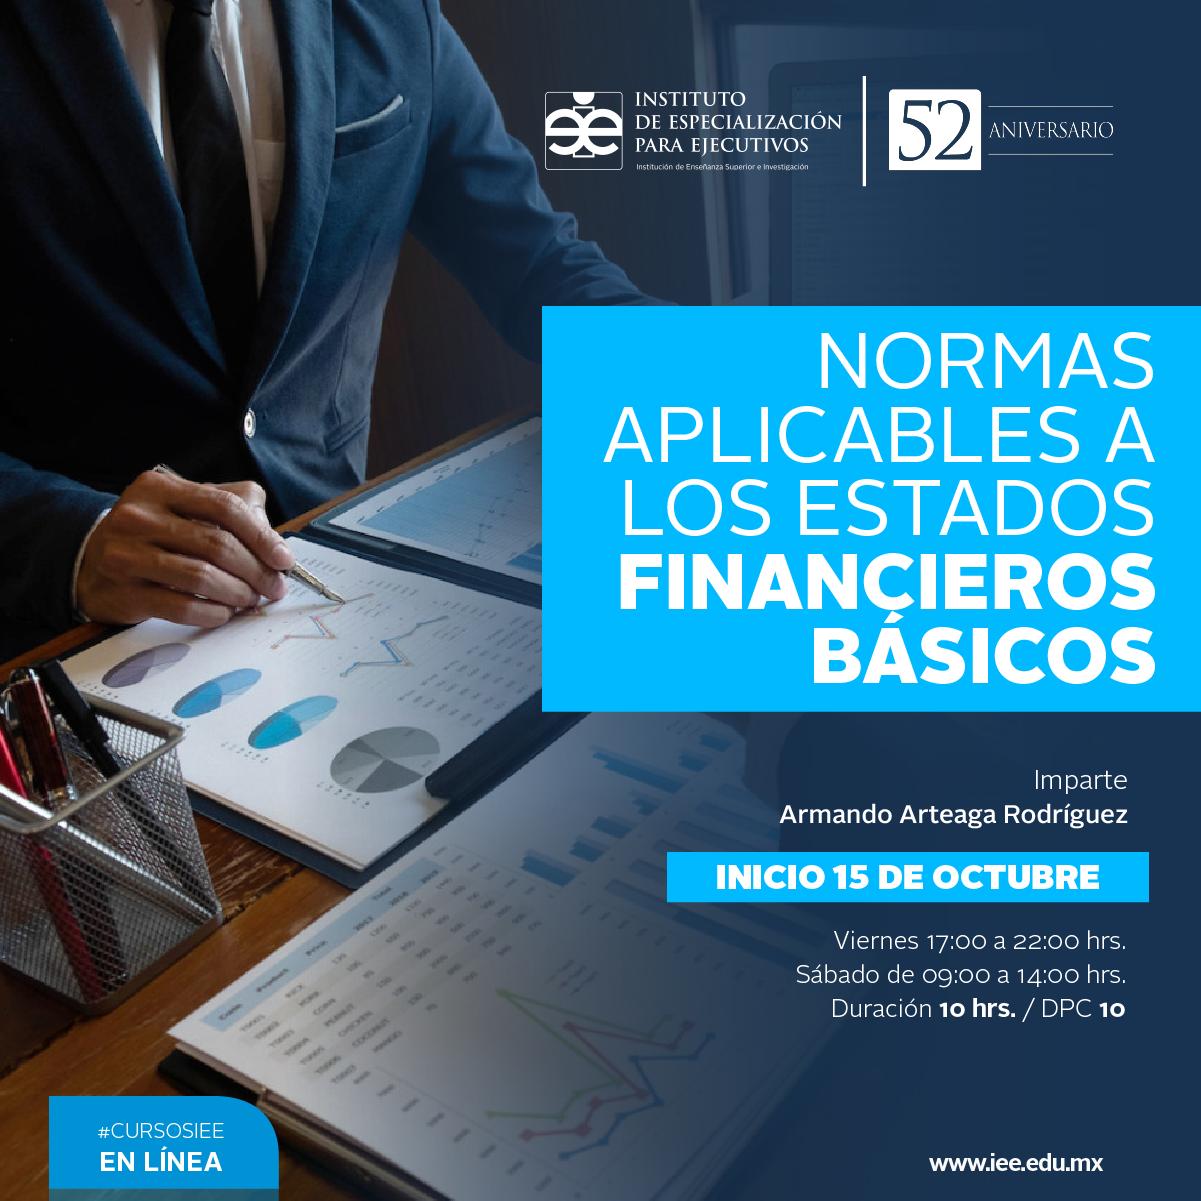 Curso en Línea en Normas Aplicables a los Estados Financieros Básicos